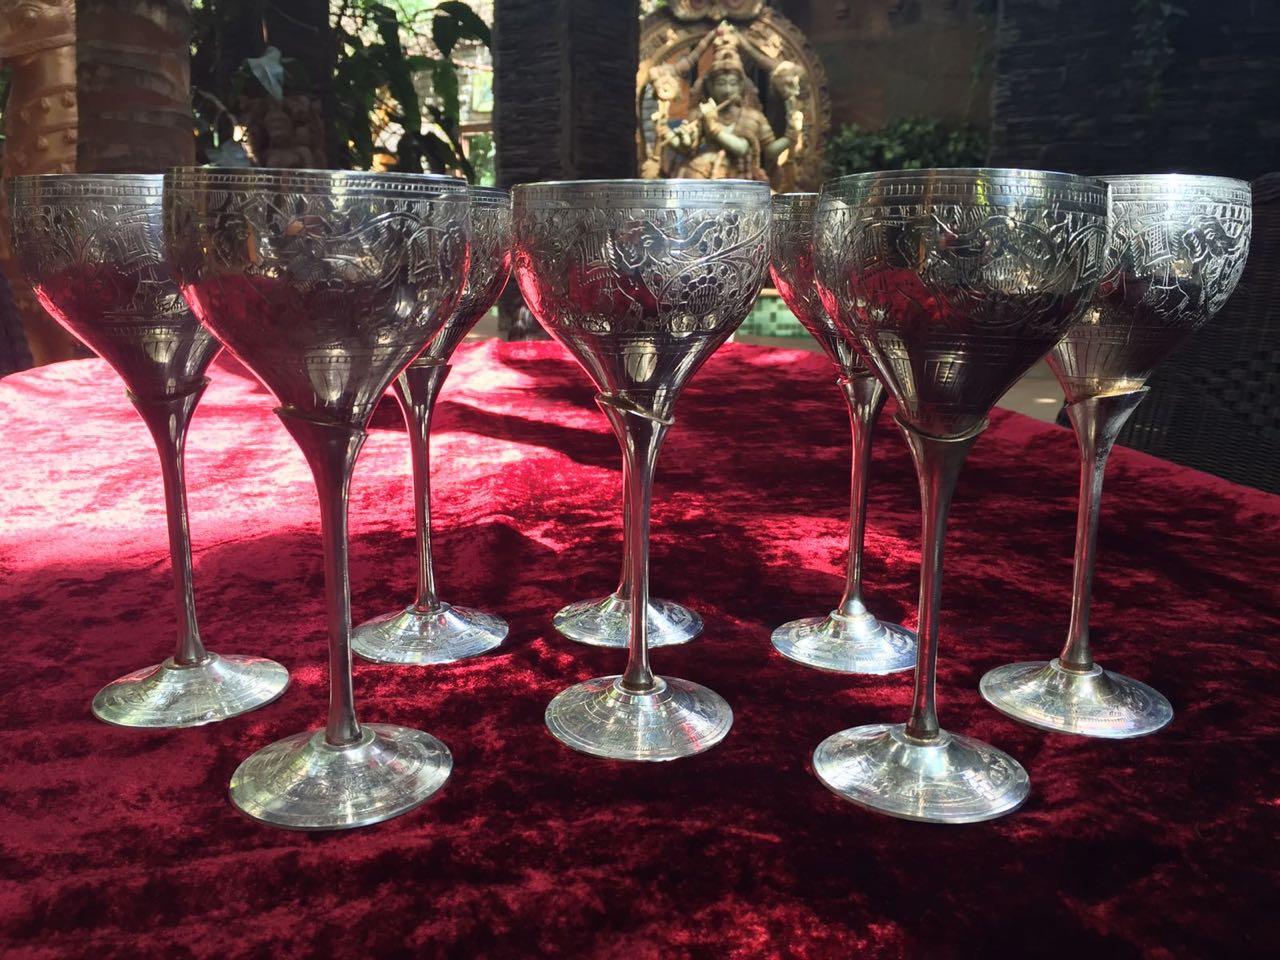 jaipuri-white-metal-goblets-for-the-gods-8